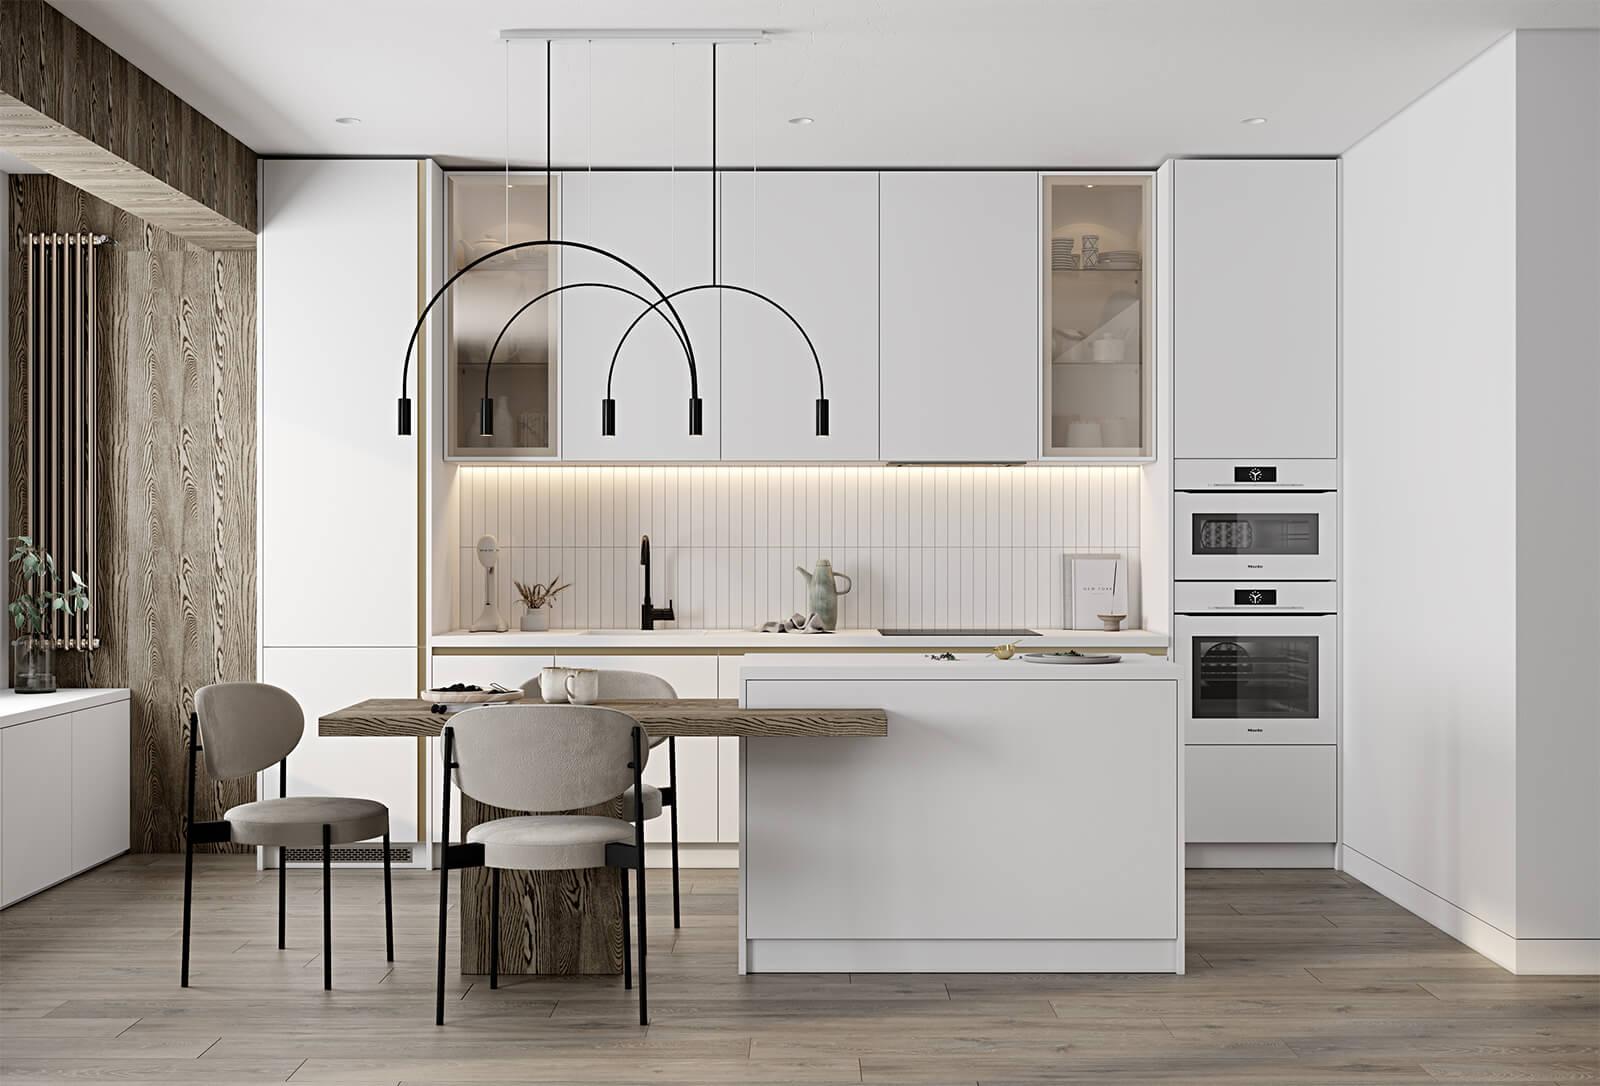 Модульные кухни - это удобное и выгодное решение